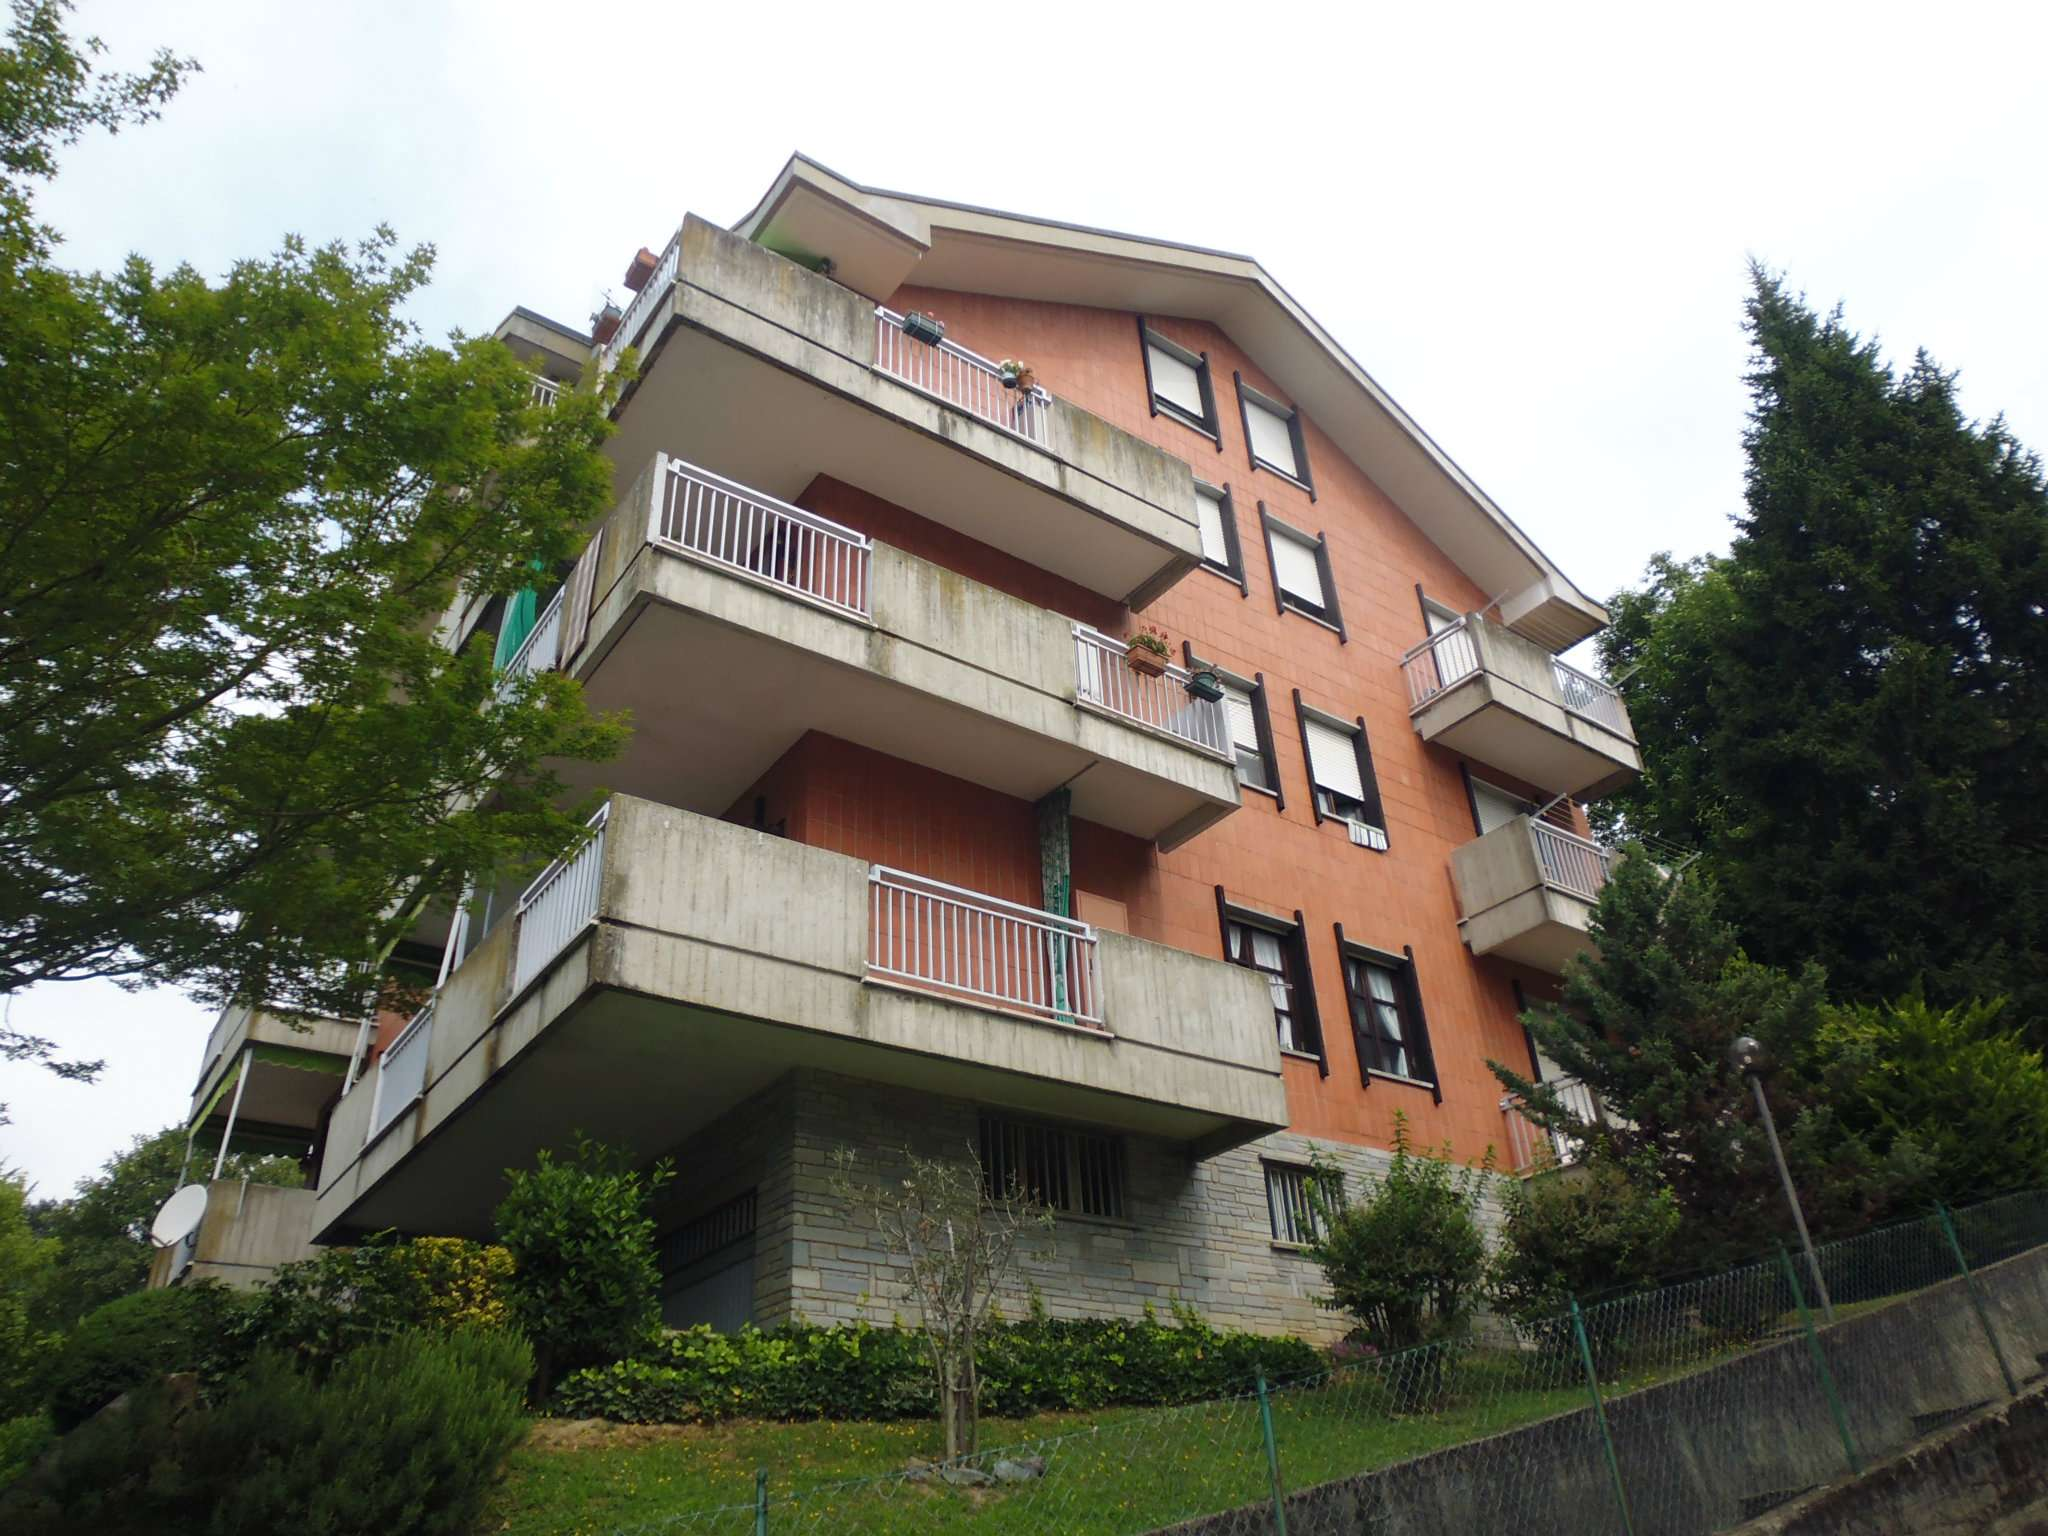 Appartamento in vendita a Coazze, 3 locali, prezzo € 70.000 | CambioCasa.it